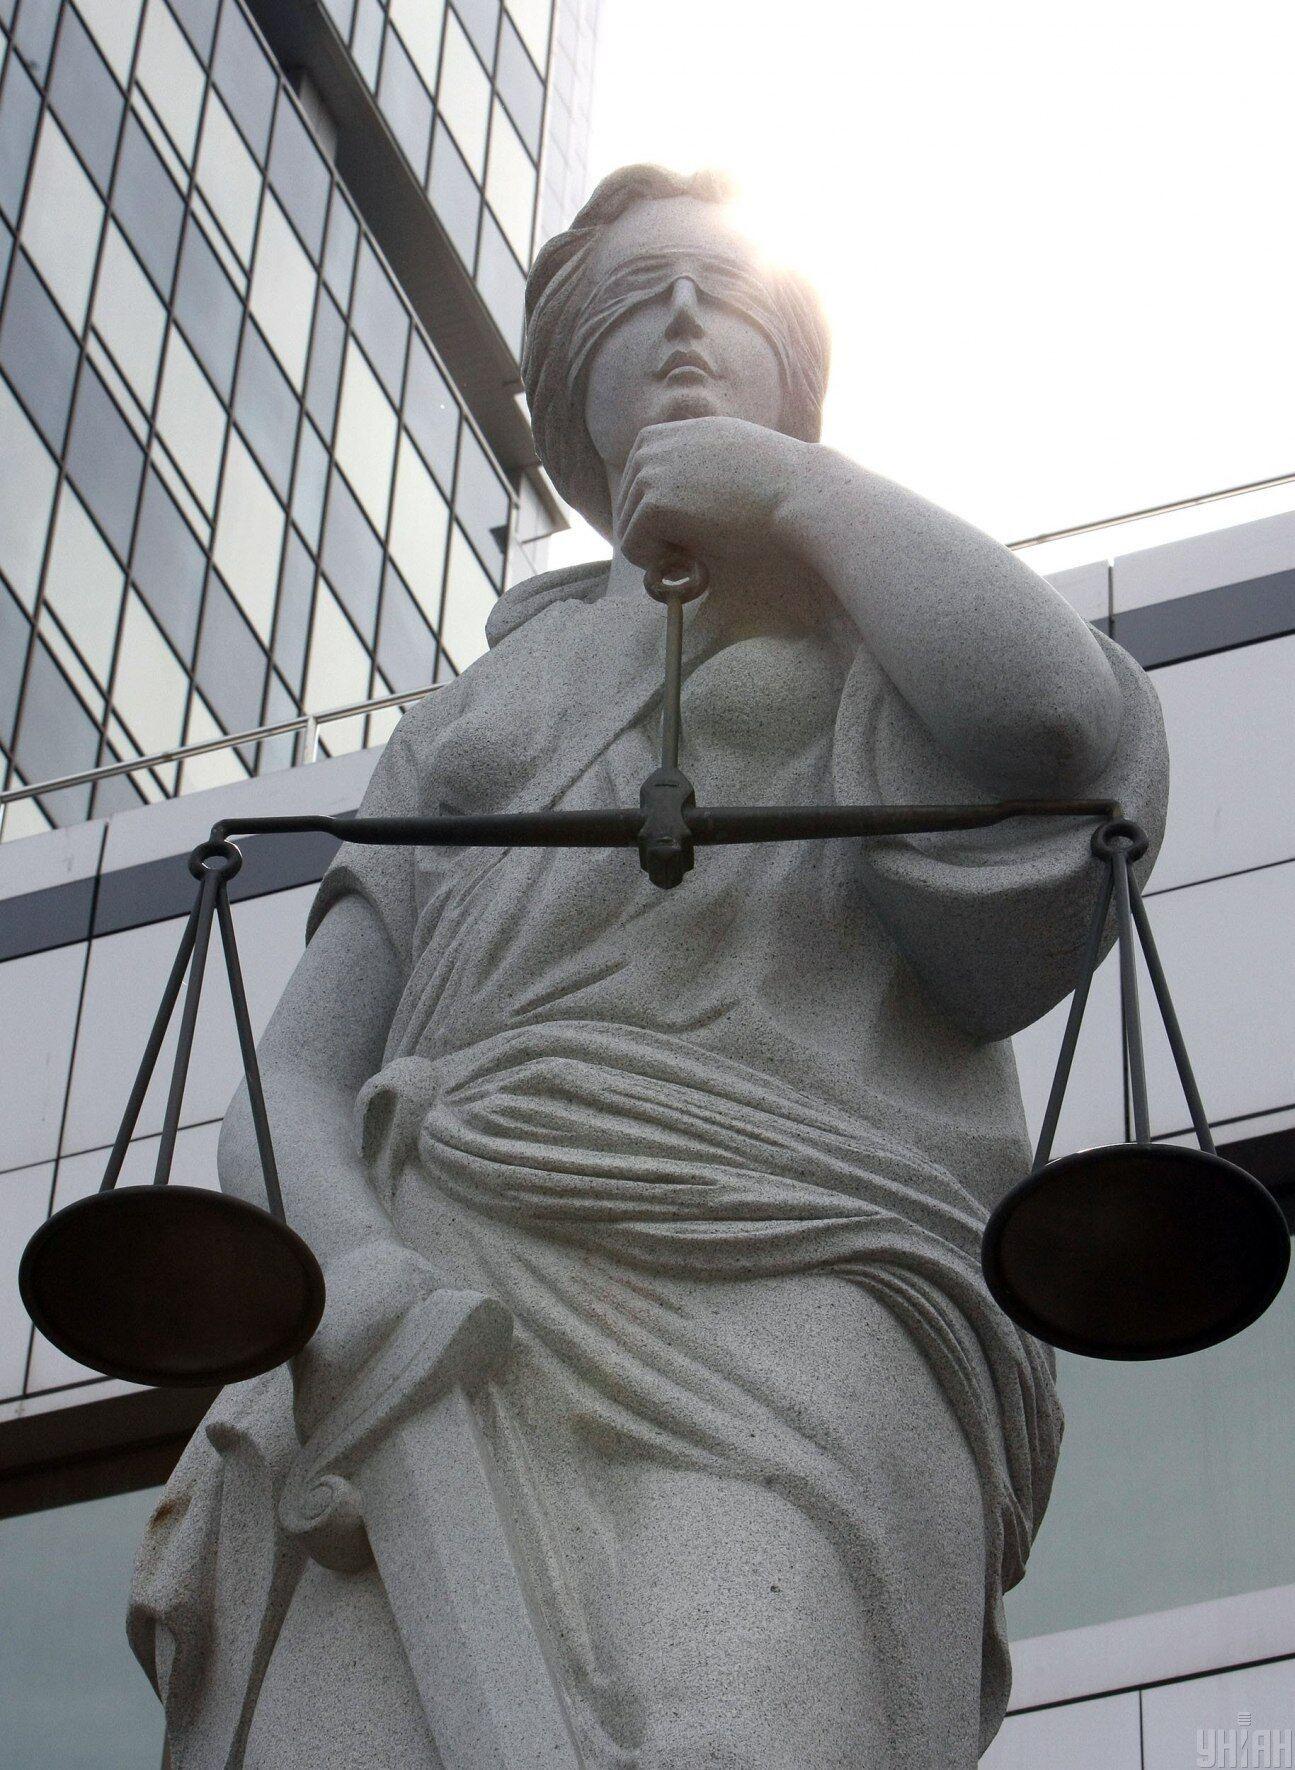 Відповідно до Конституції України судова гілка влади є незалежною. Її фінансування має відбуватися аналогічно.